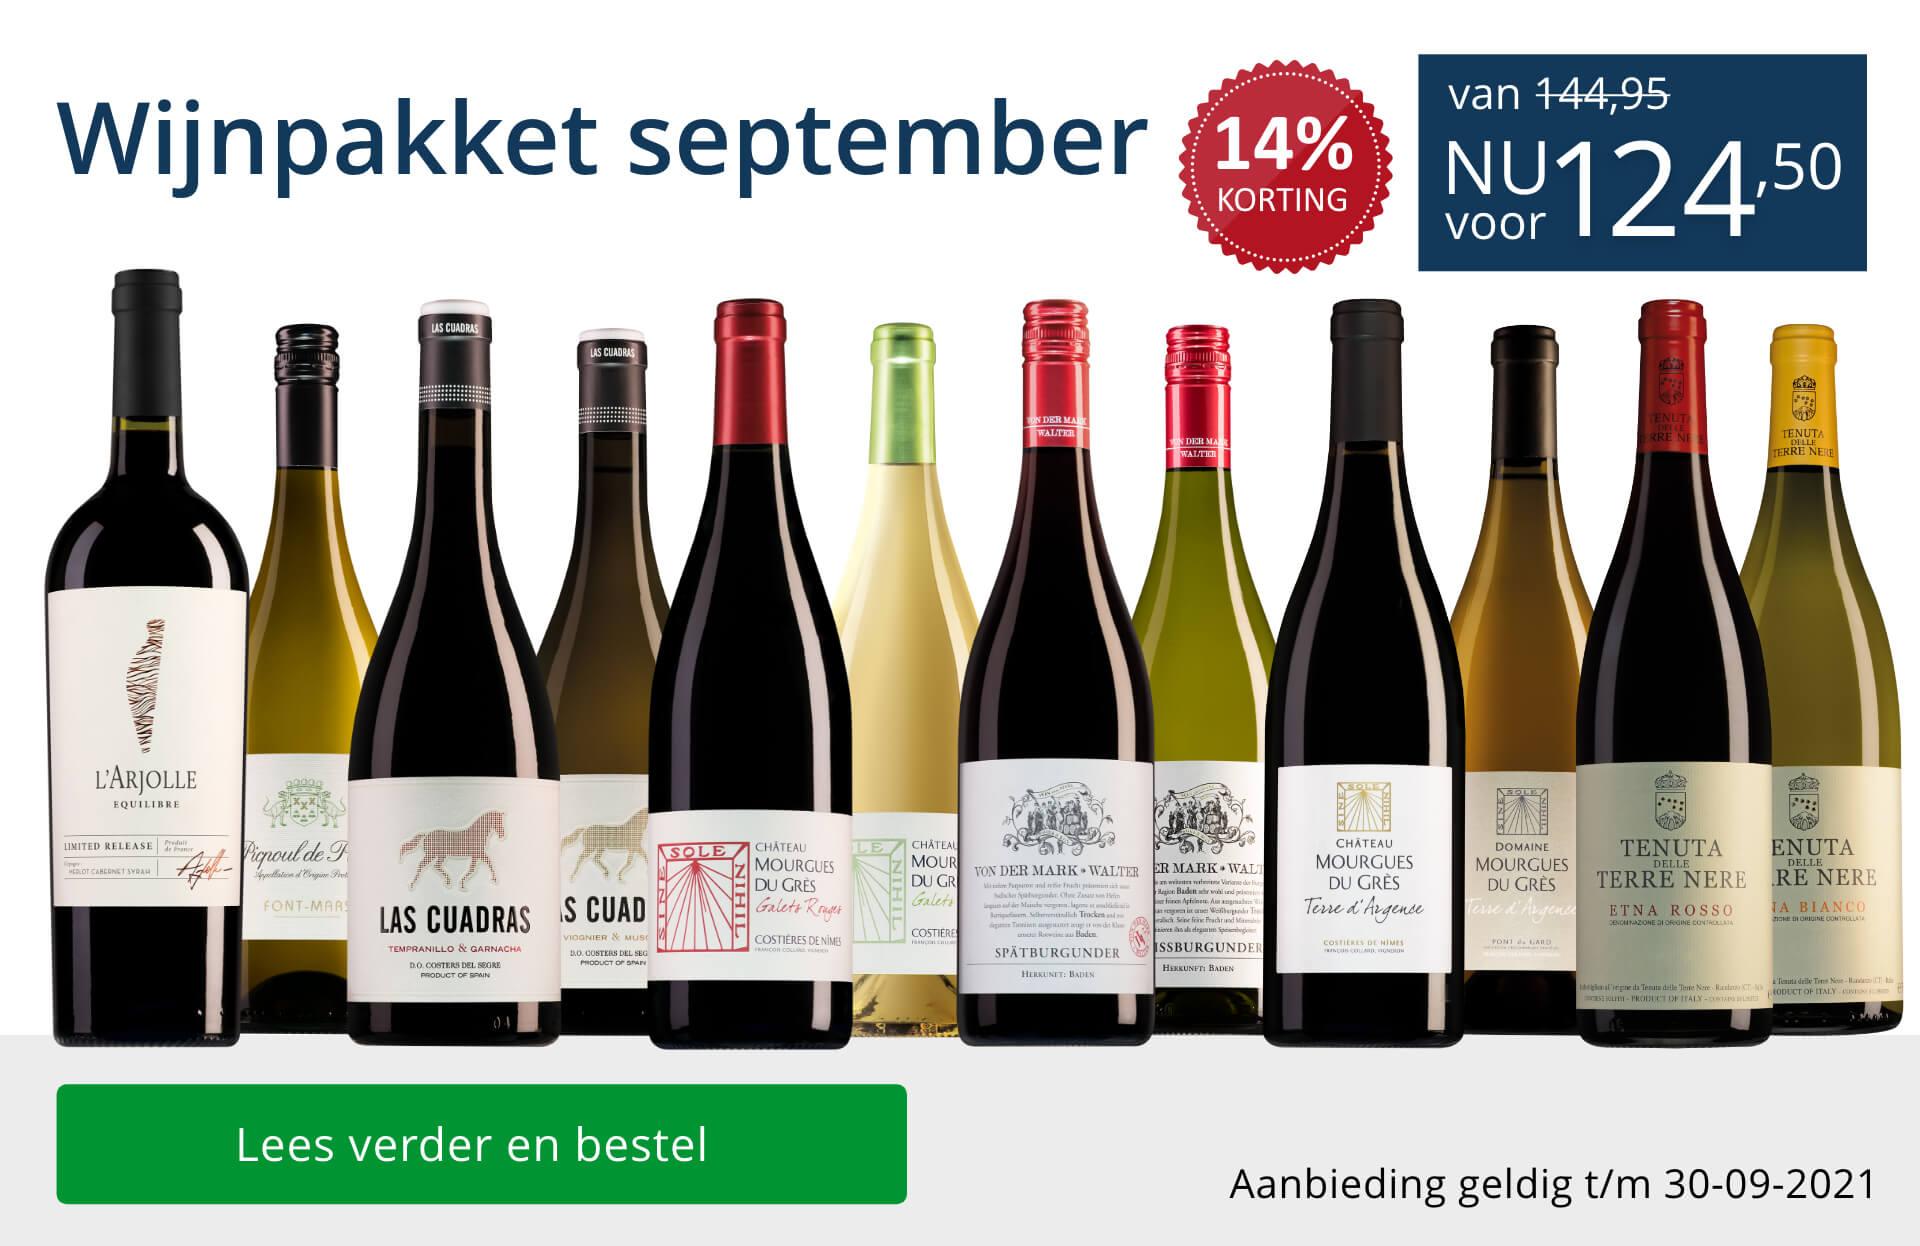 Wijnpakket wijnbericht september 2021 - blauw